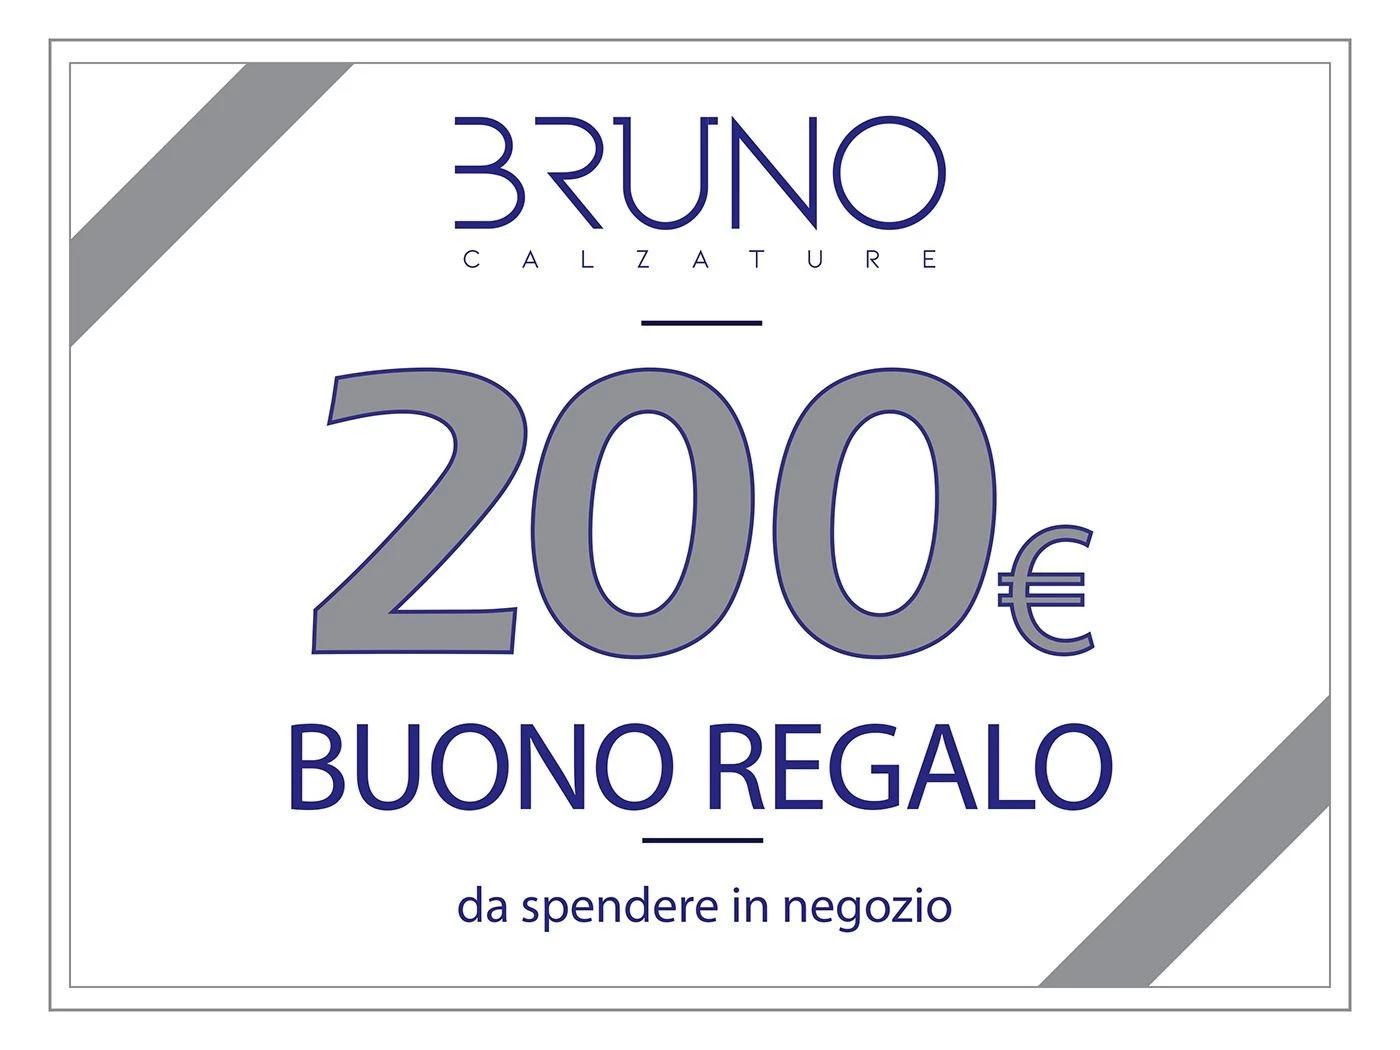 BUONO REGALO DA 200,00 €